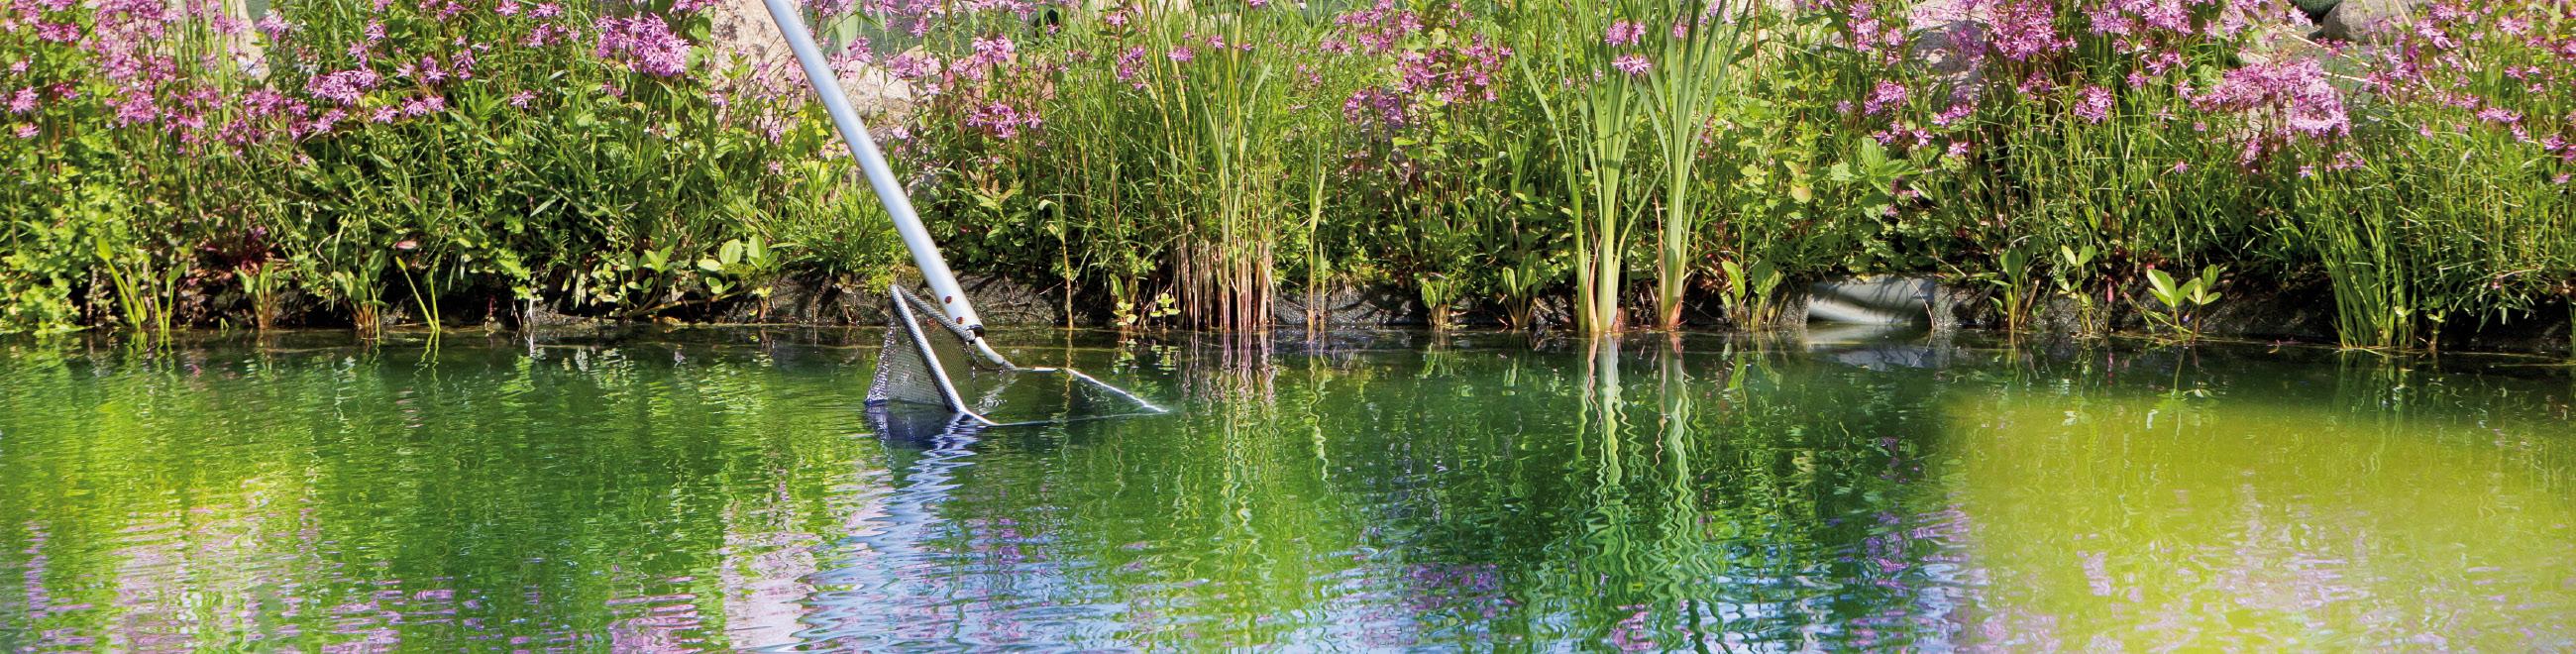 Welche art teich w hlen sie blog von velda teichspezialist for Teich ohne fische